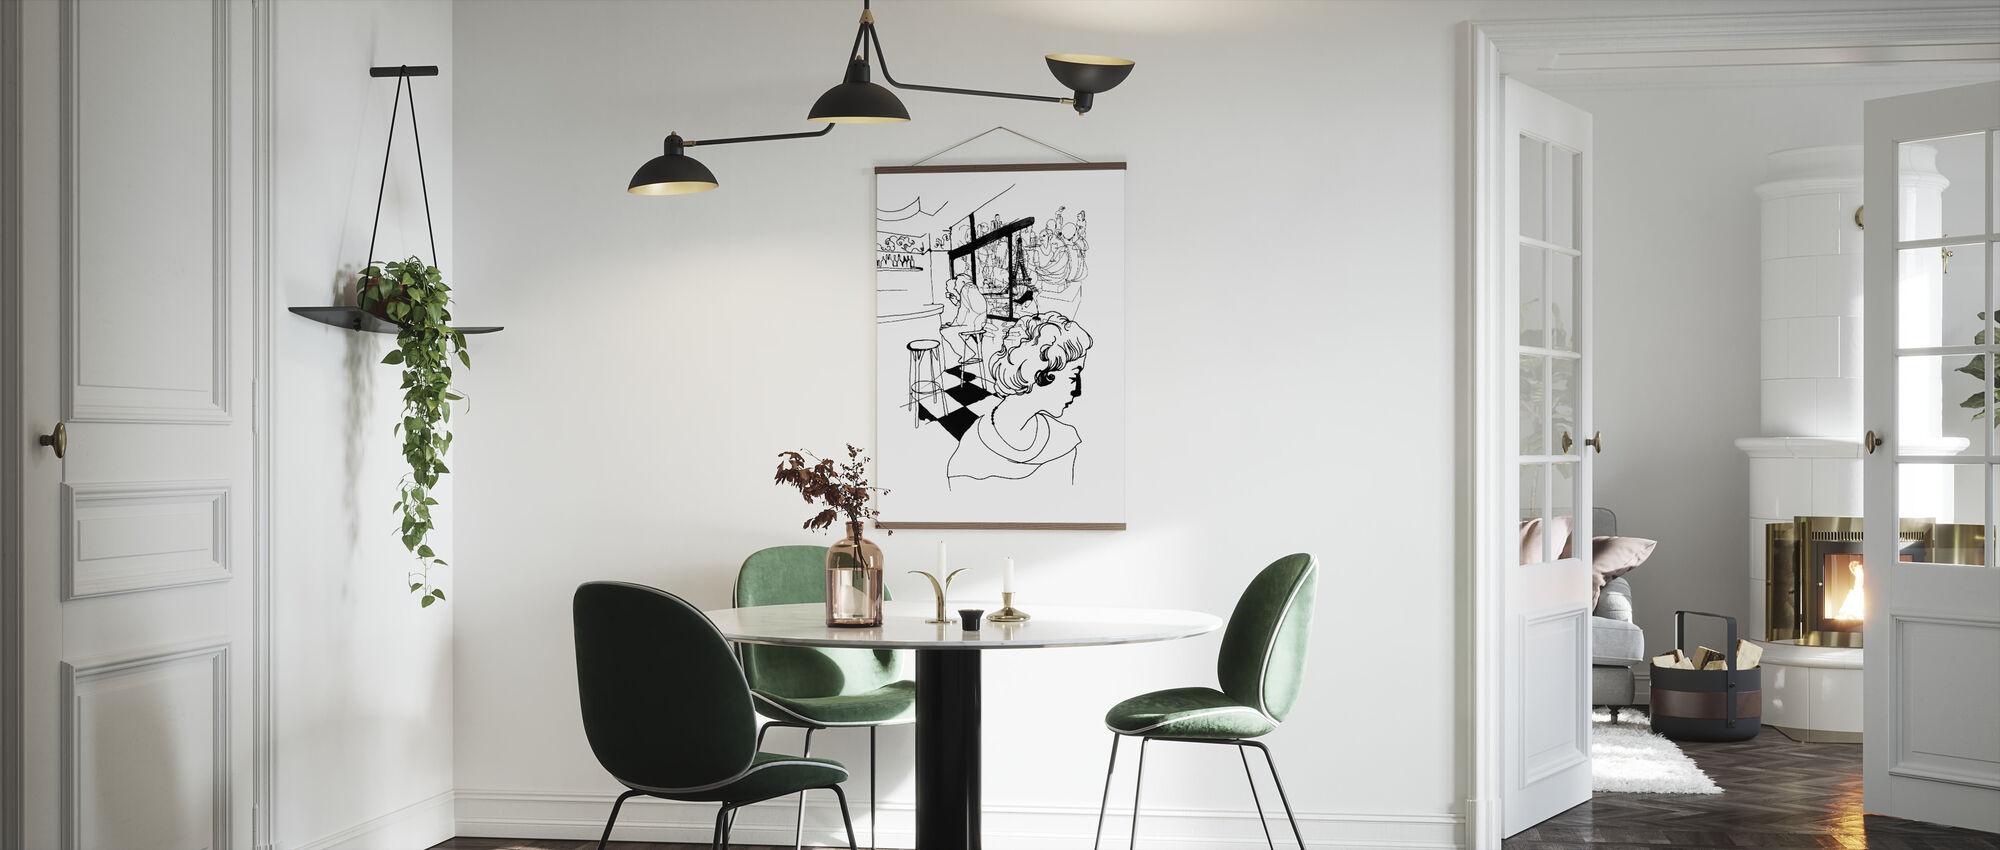 Coffee in Paris - Poster - Kitchen